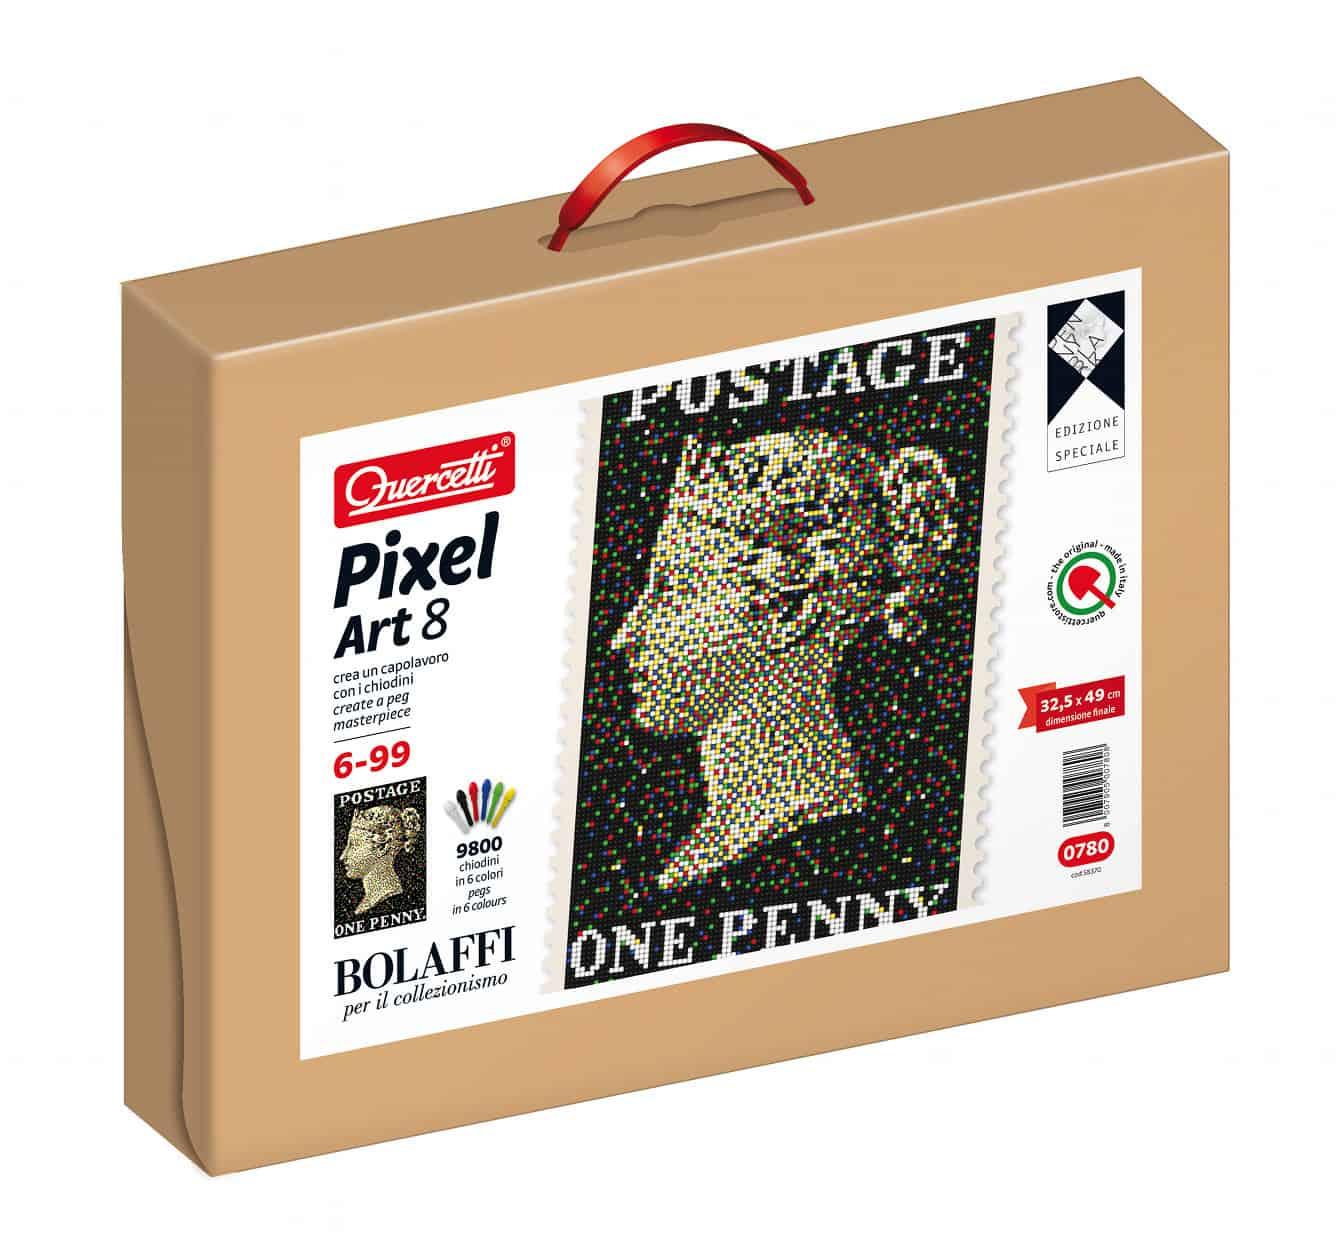 Pixel Art – Edizione Speciale Bolaffi, per creare il Penny Black con i Chiodini Quercetti